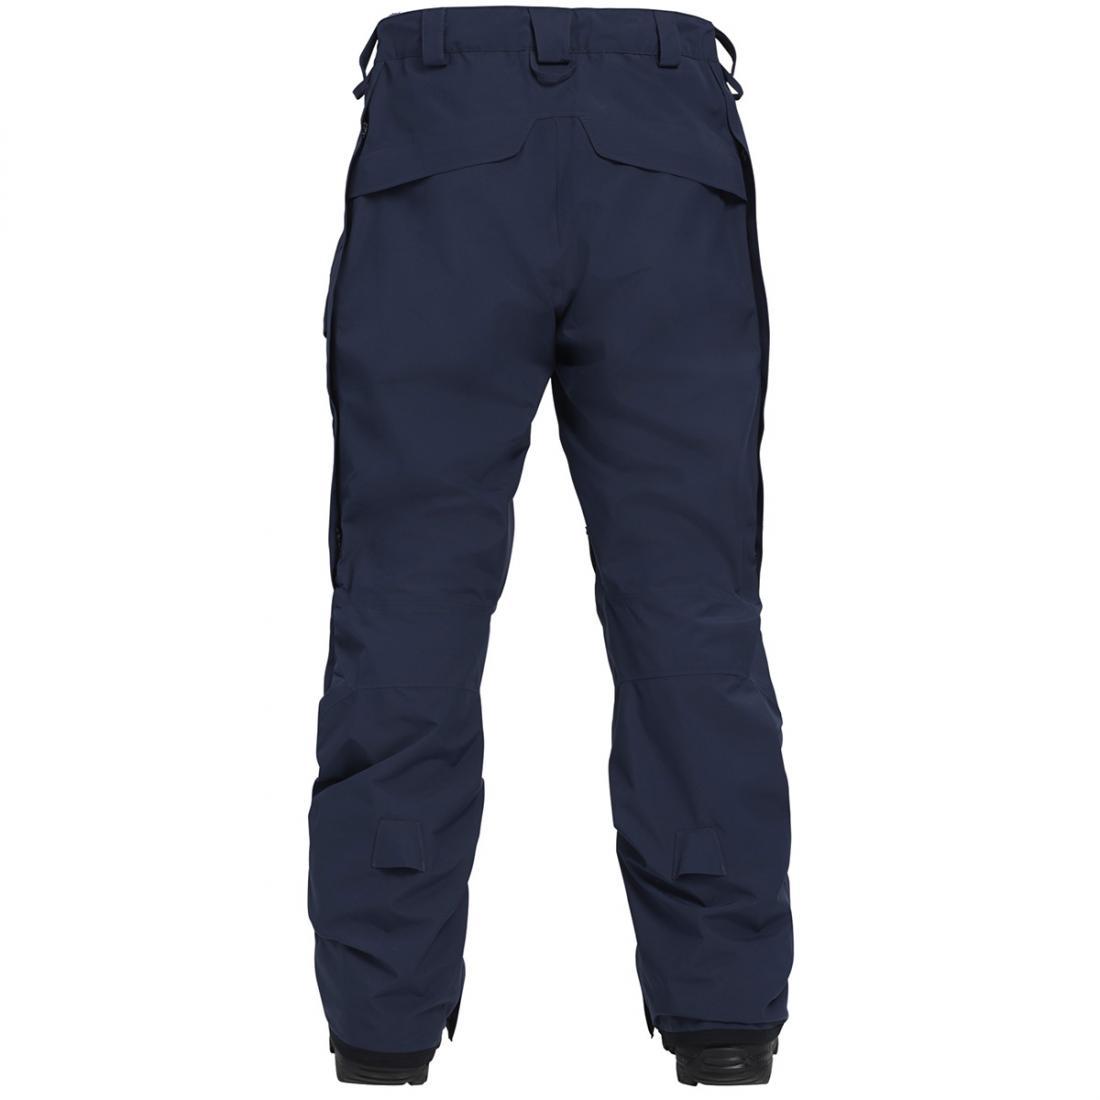 Штаны для сноуборда Burton GORE-TEX Swash  купить в Boardshop №1